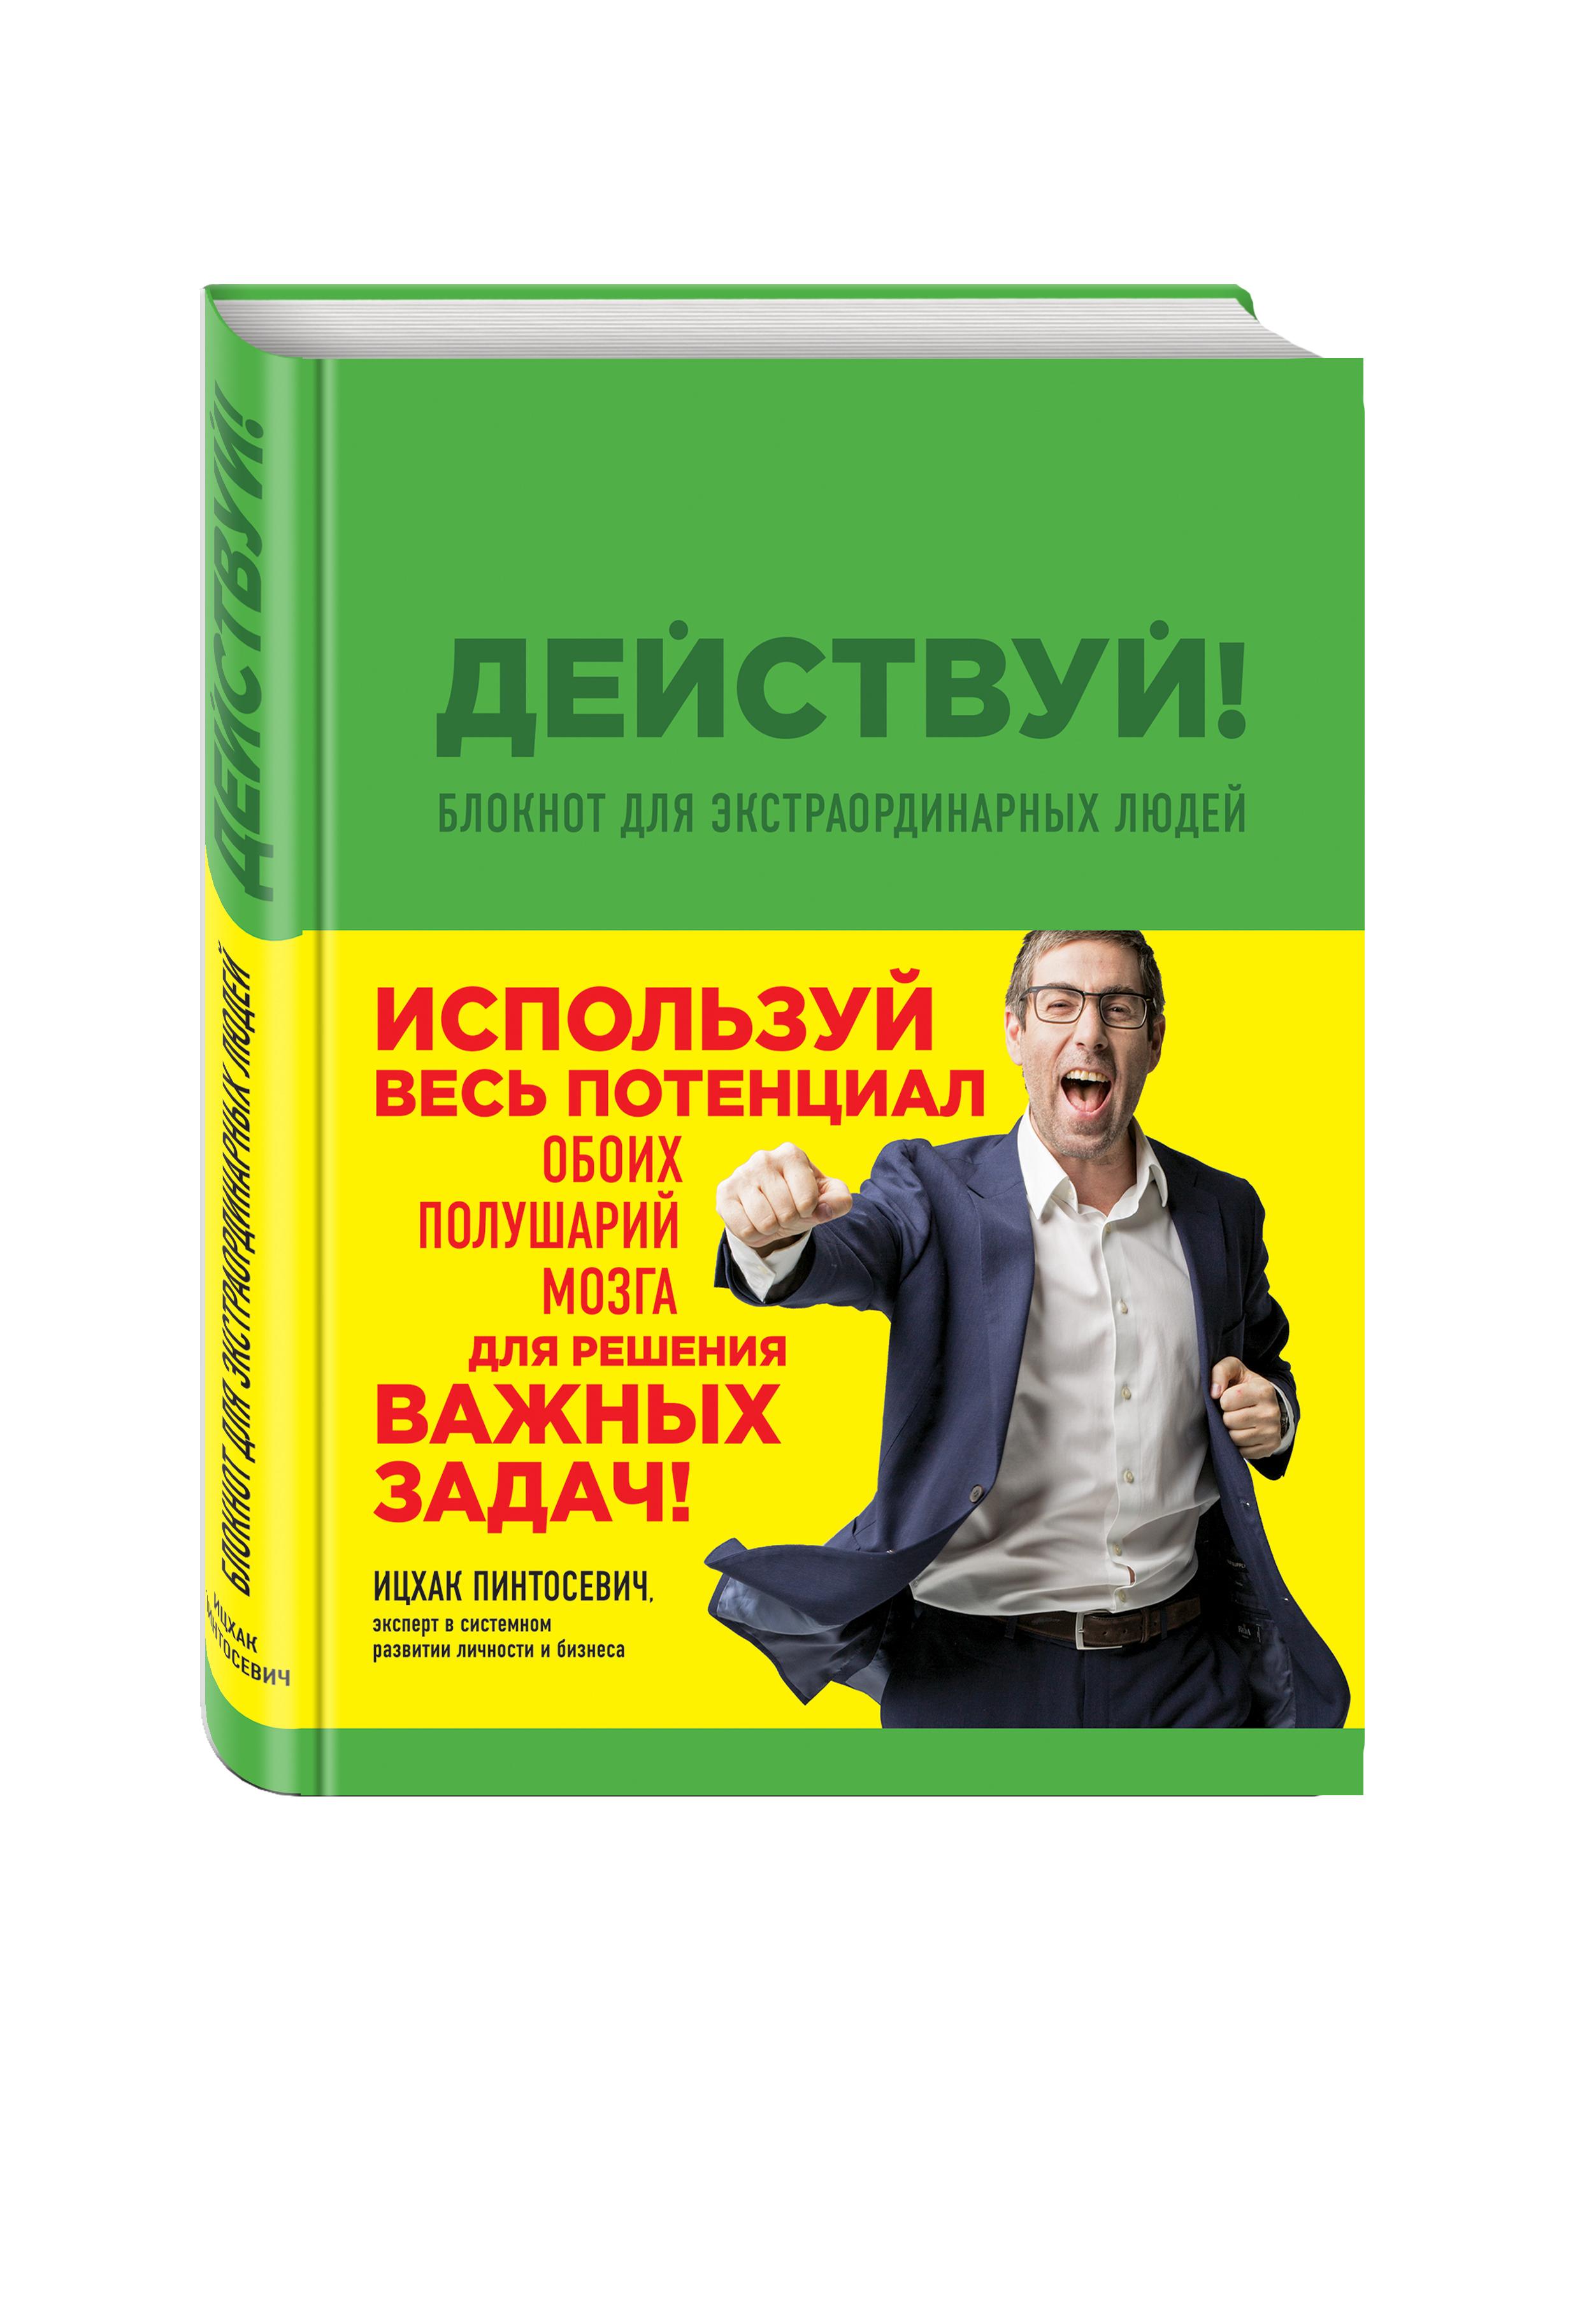 Действуй! Блокнот для экстраординарных людей (зеленый) ( Пинтосевич И.  )